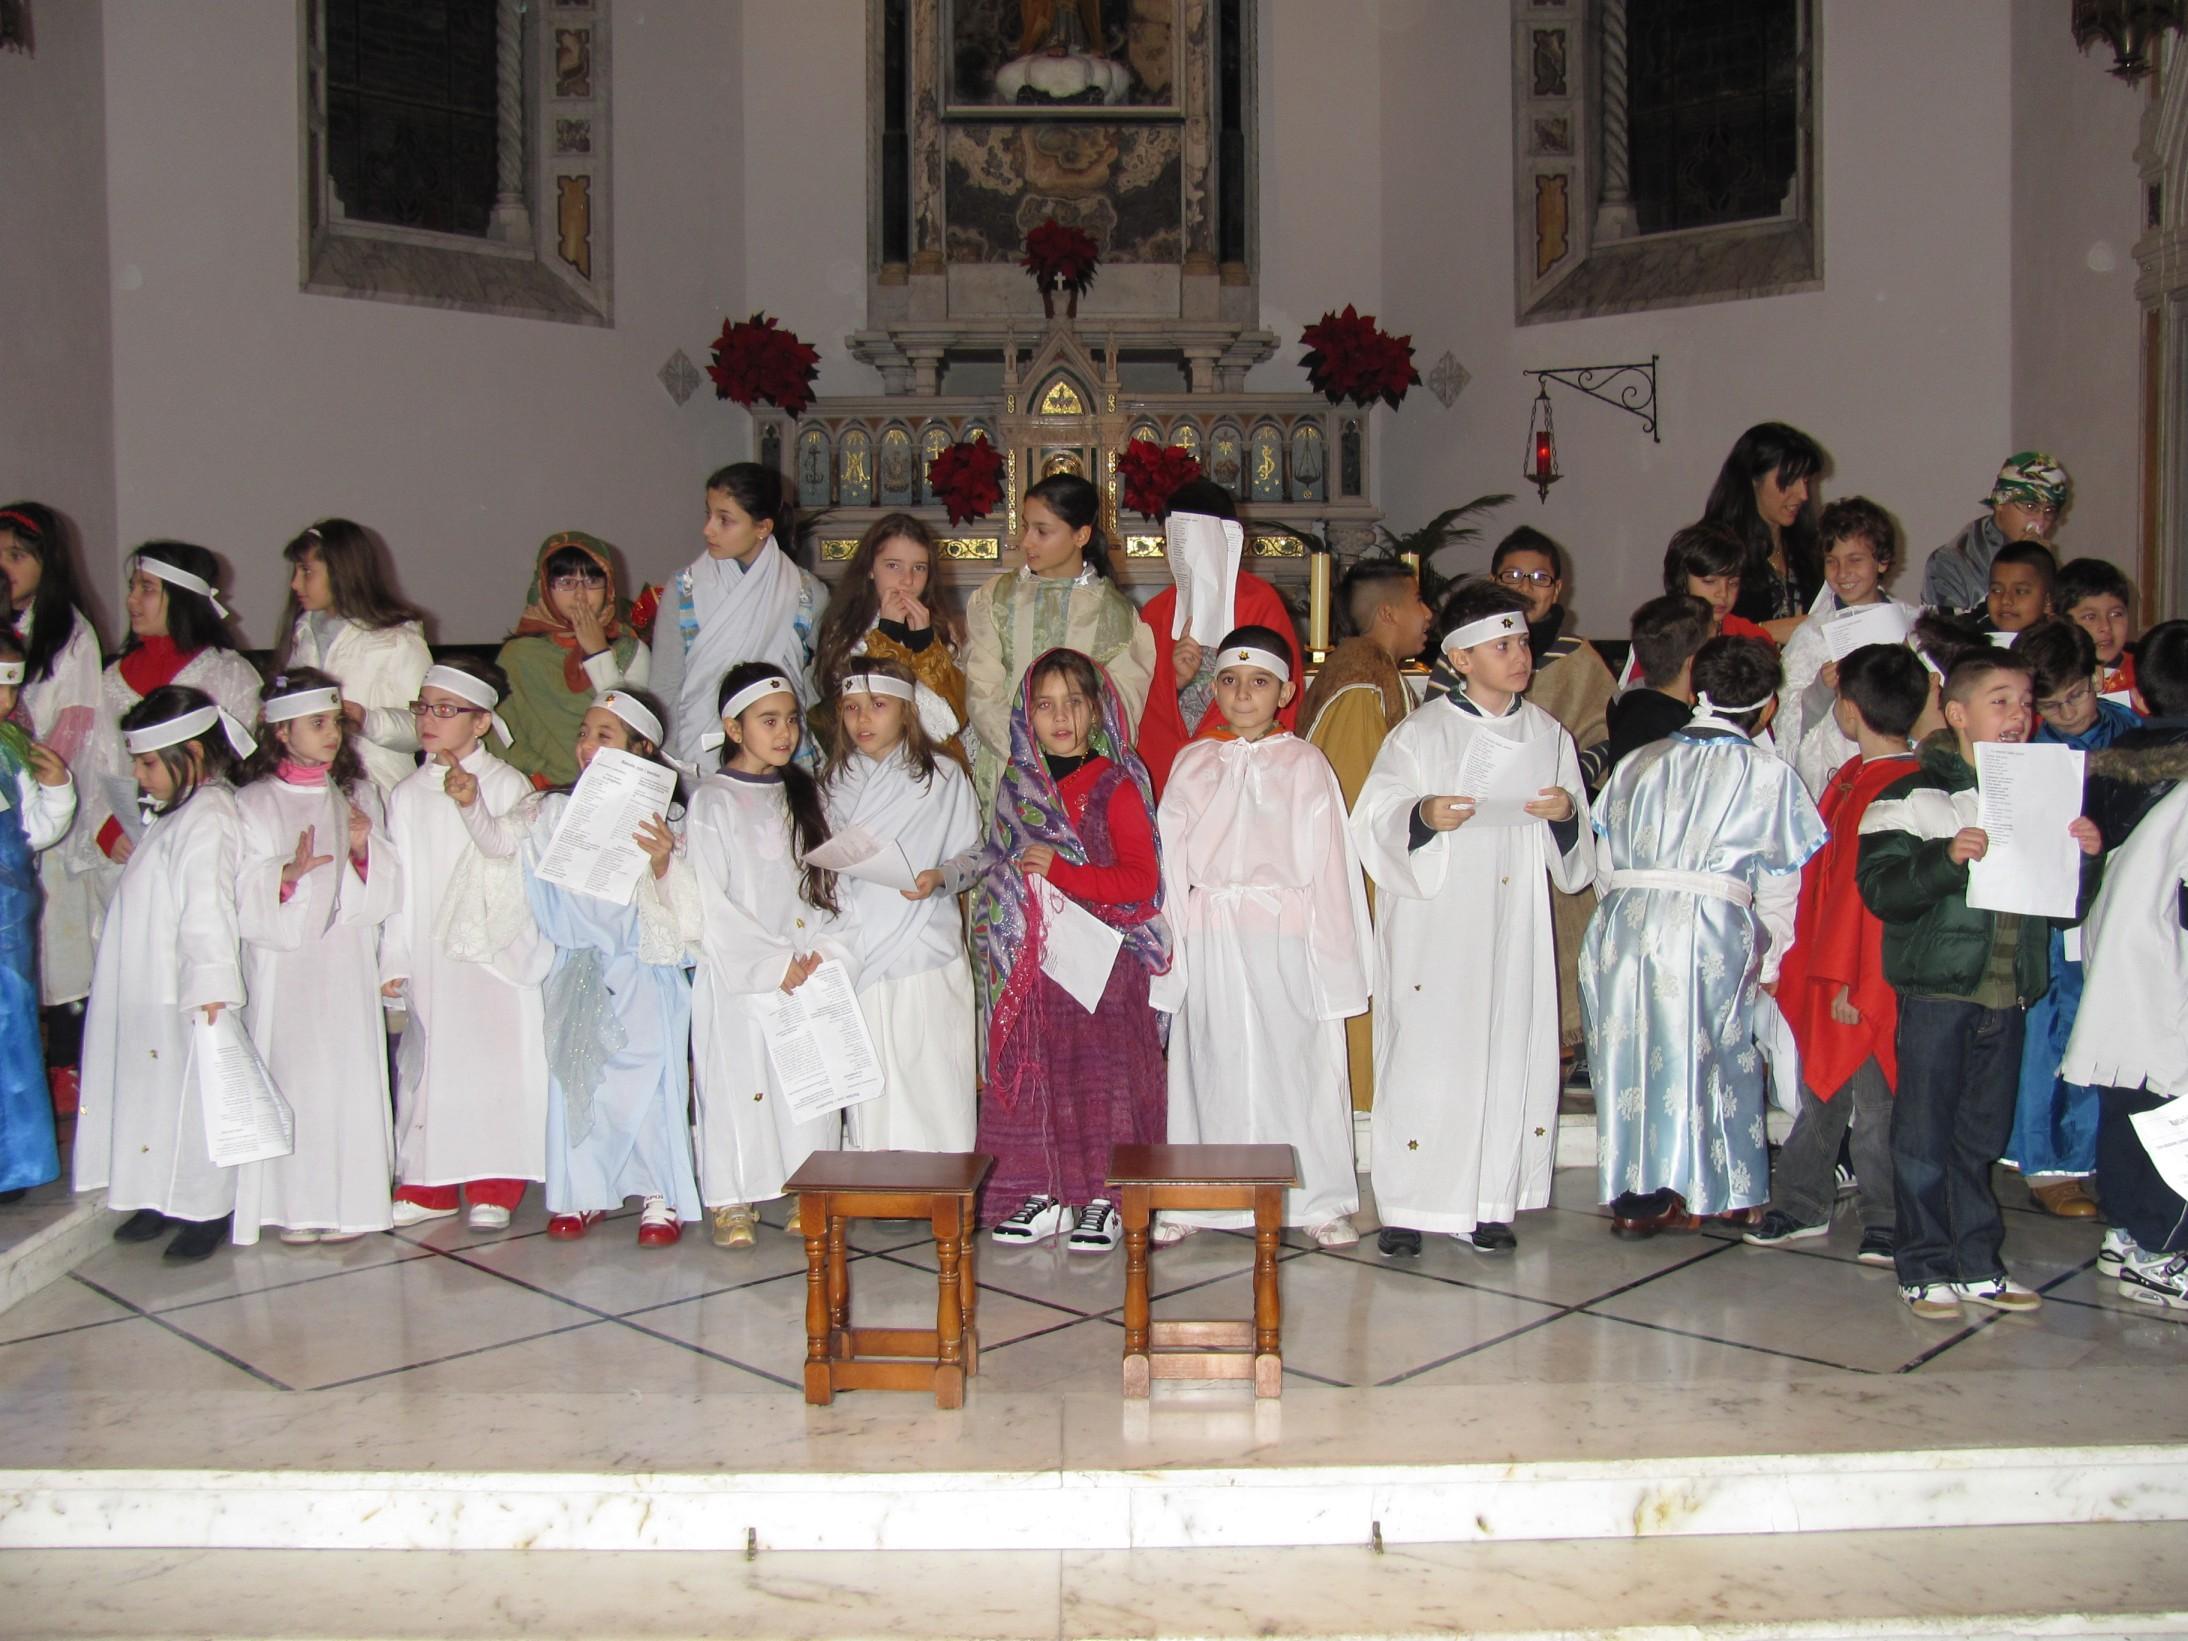 spettacolo_natale_2011-12-24-17-30-40